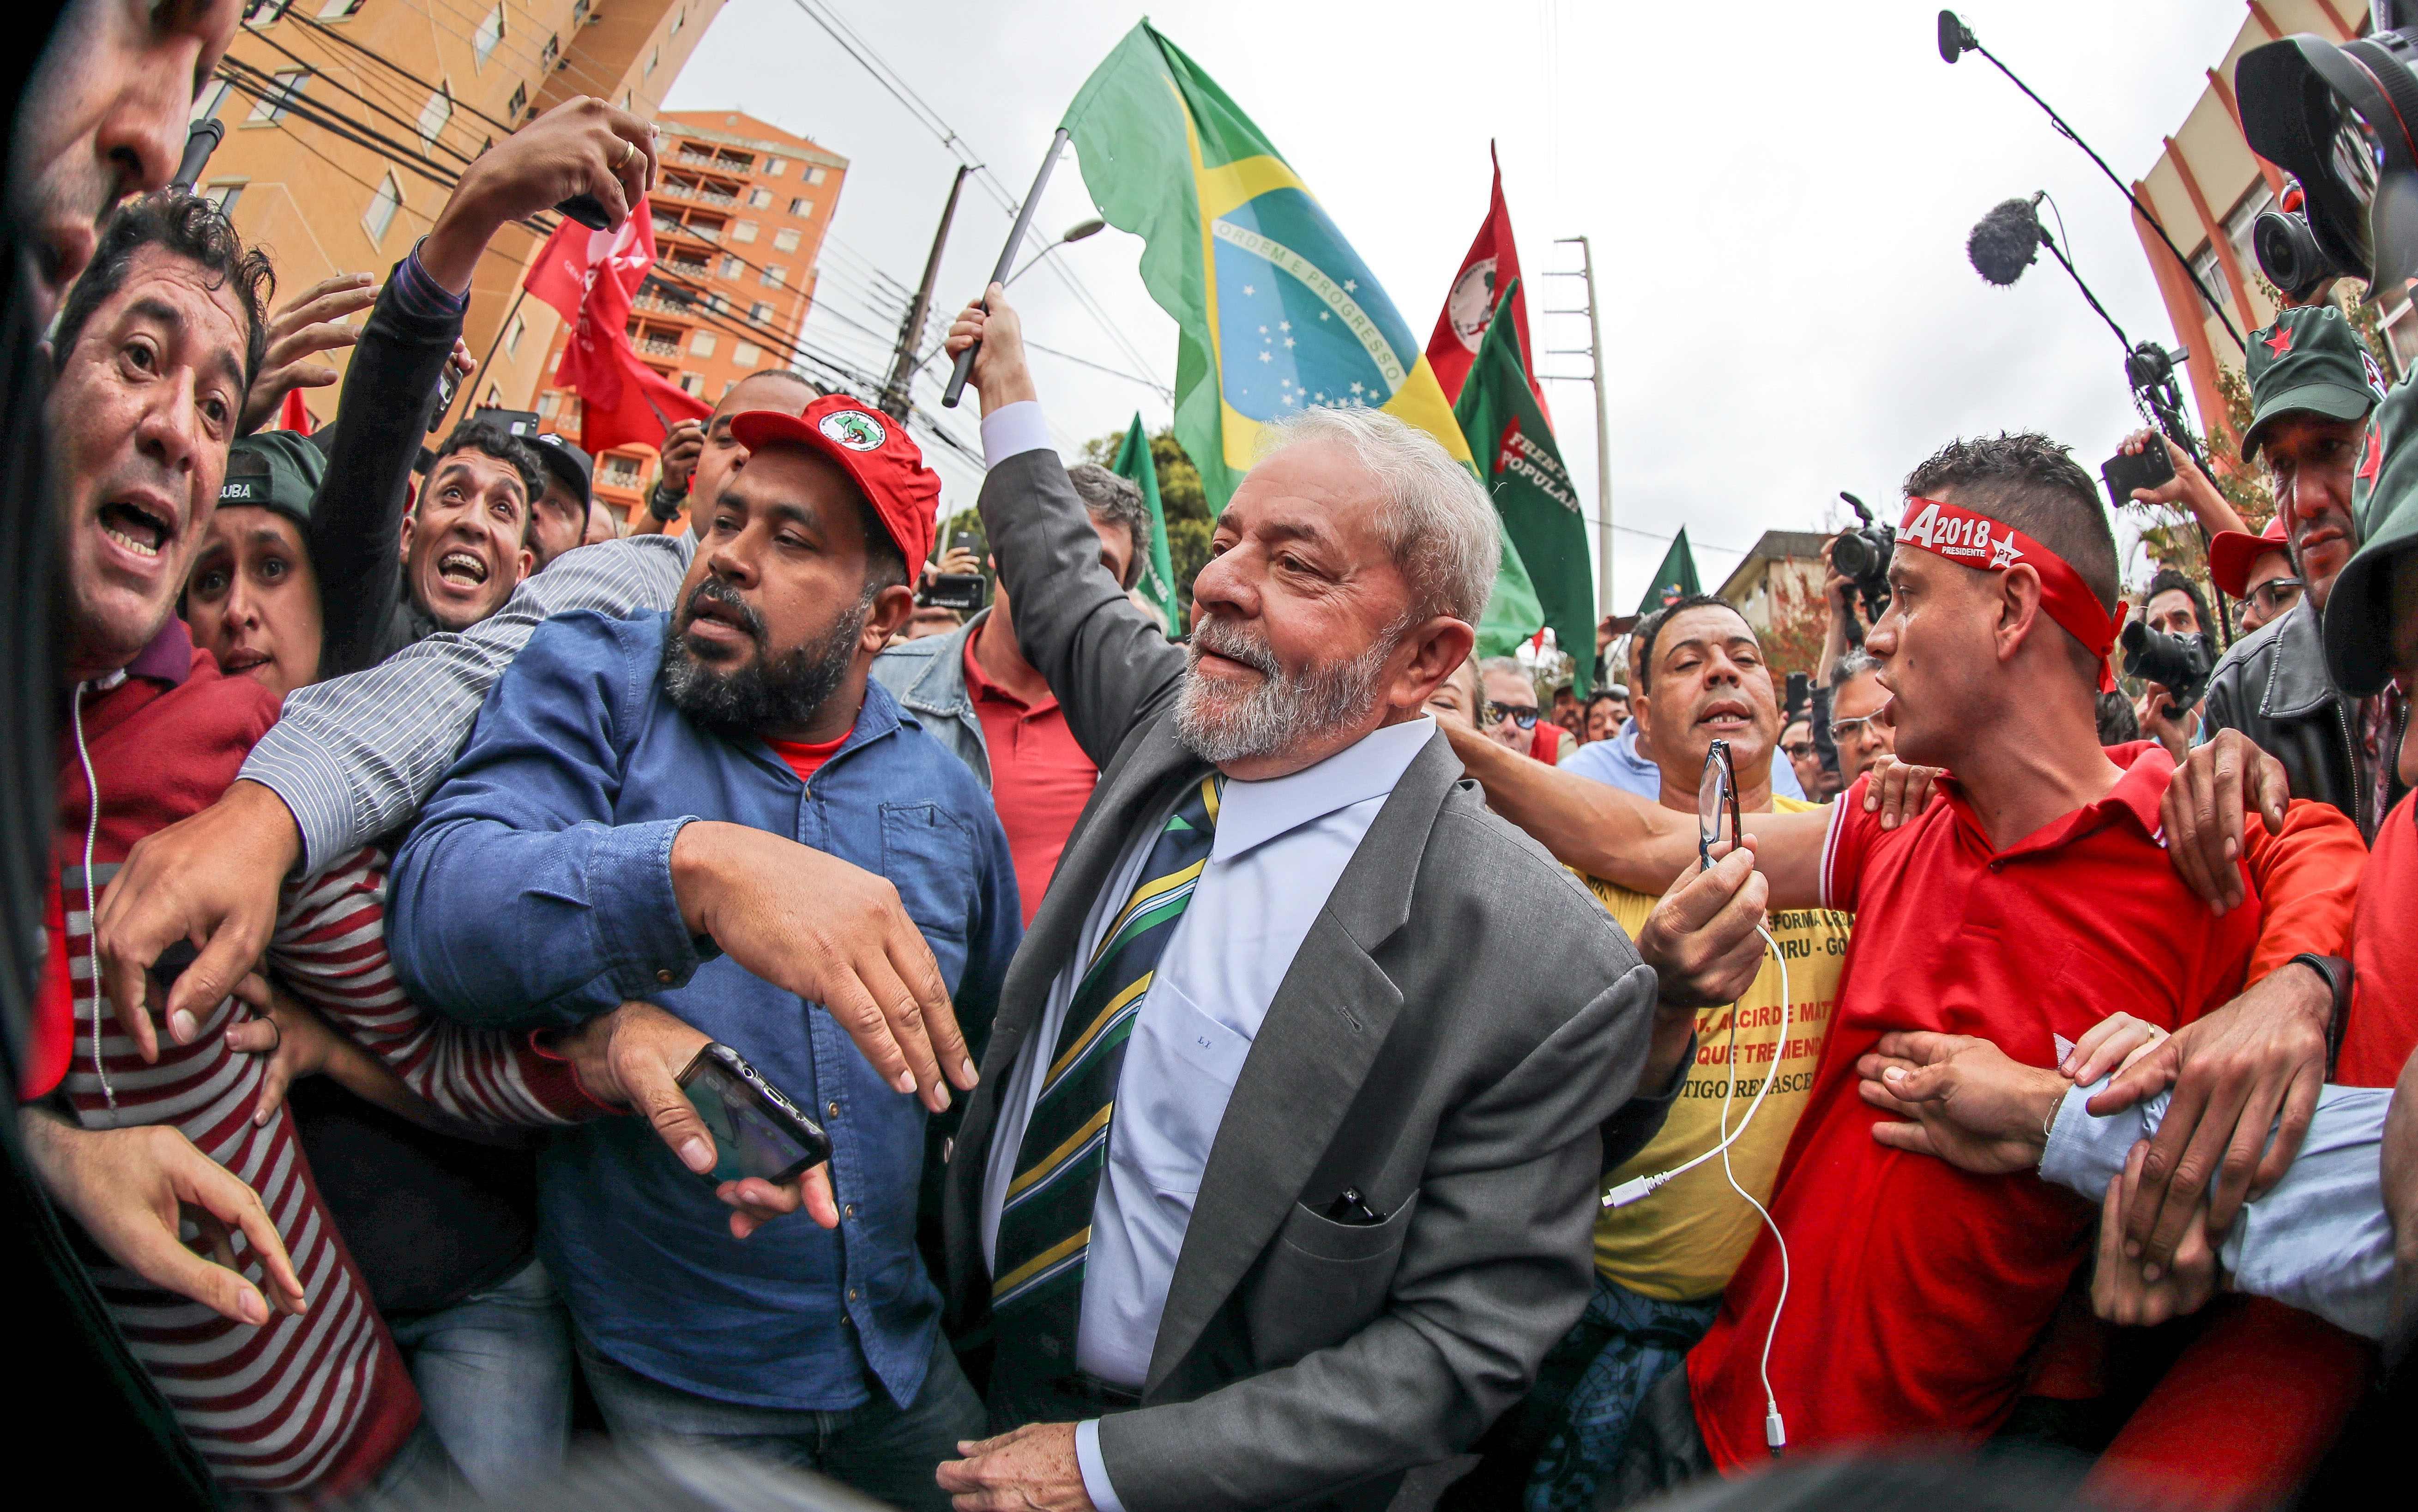 الرئيس البرازيلي الأسبق يقول انه ضحية